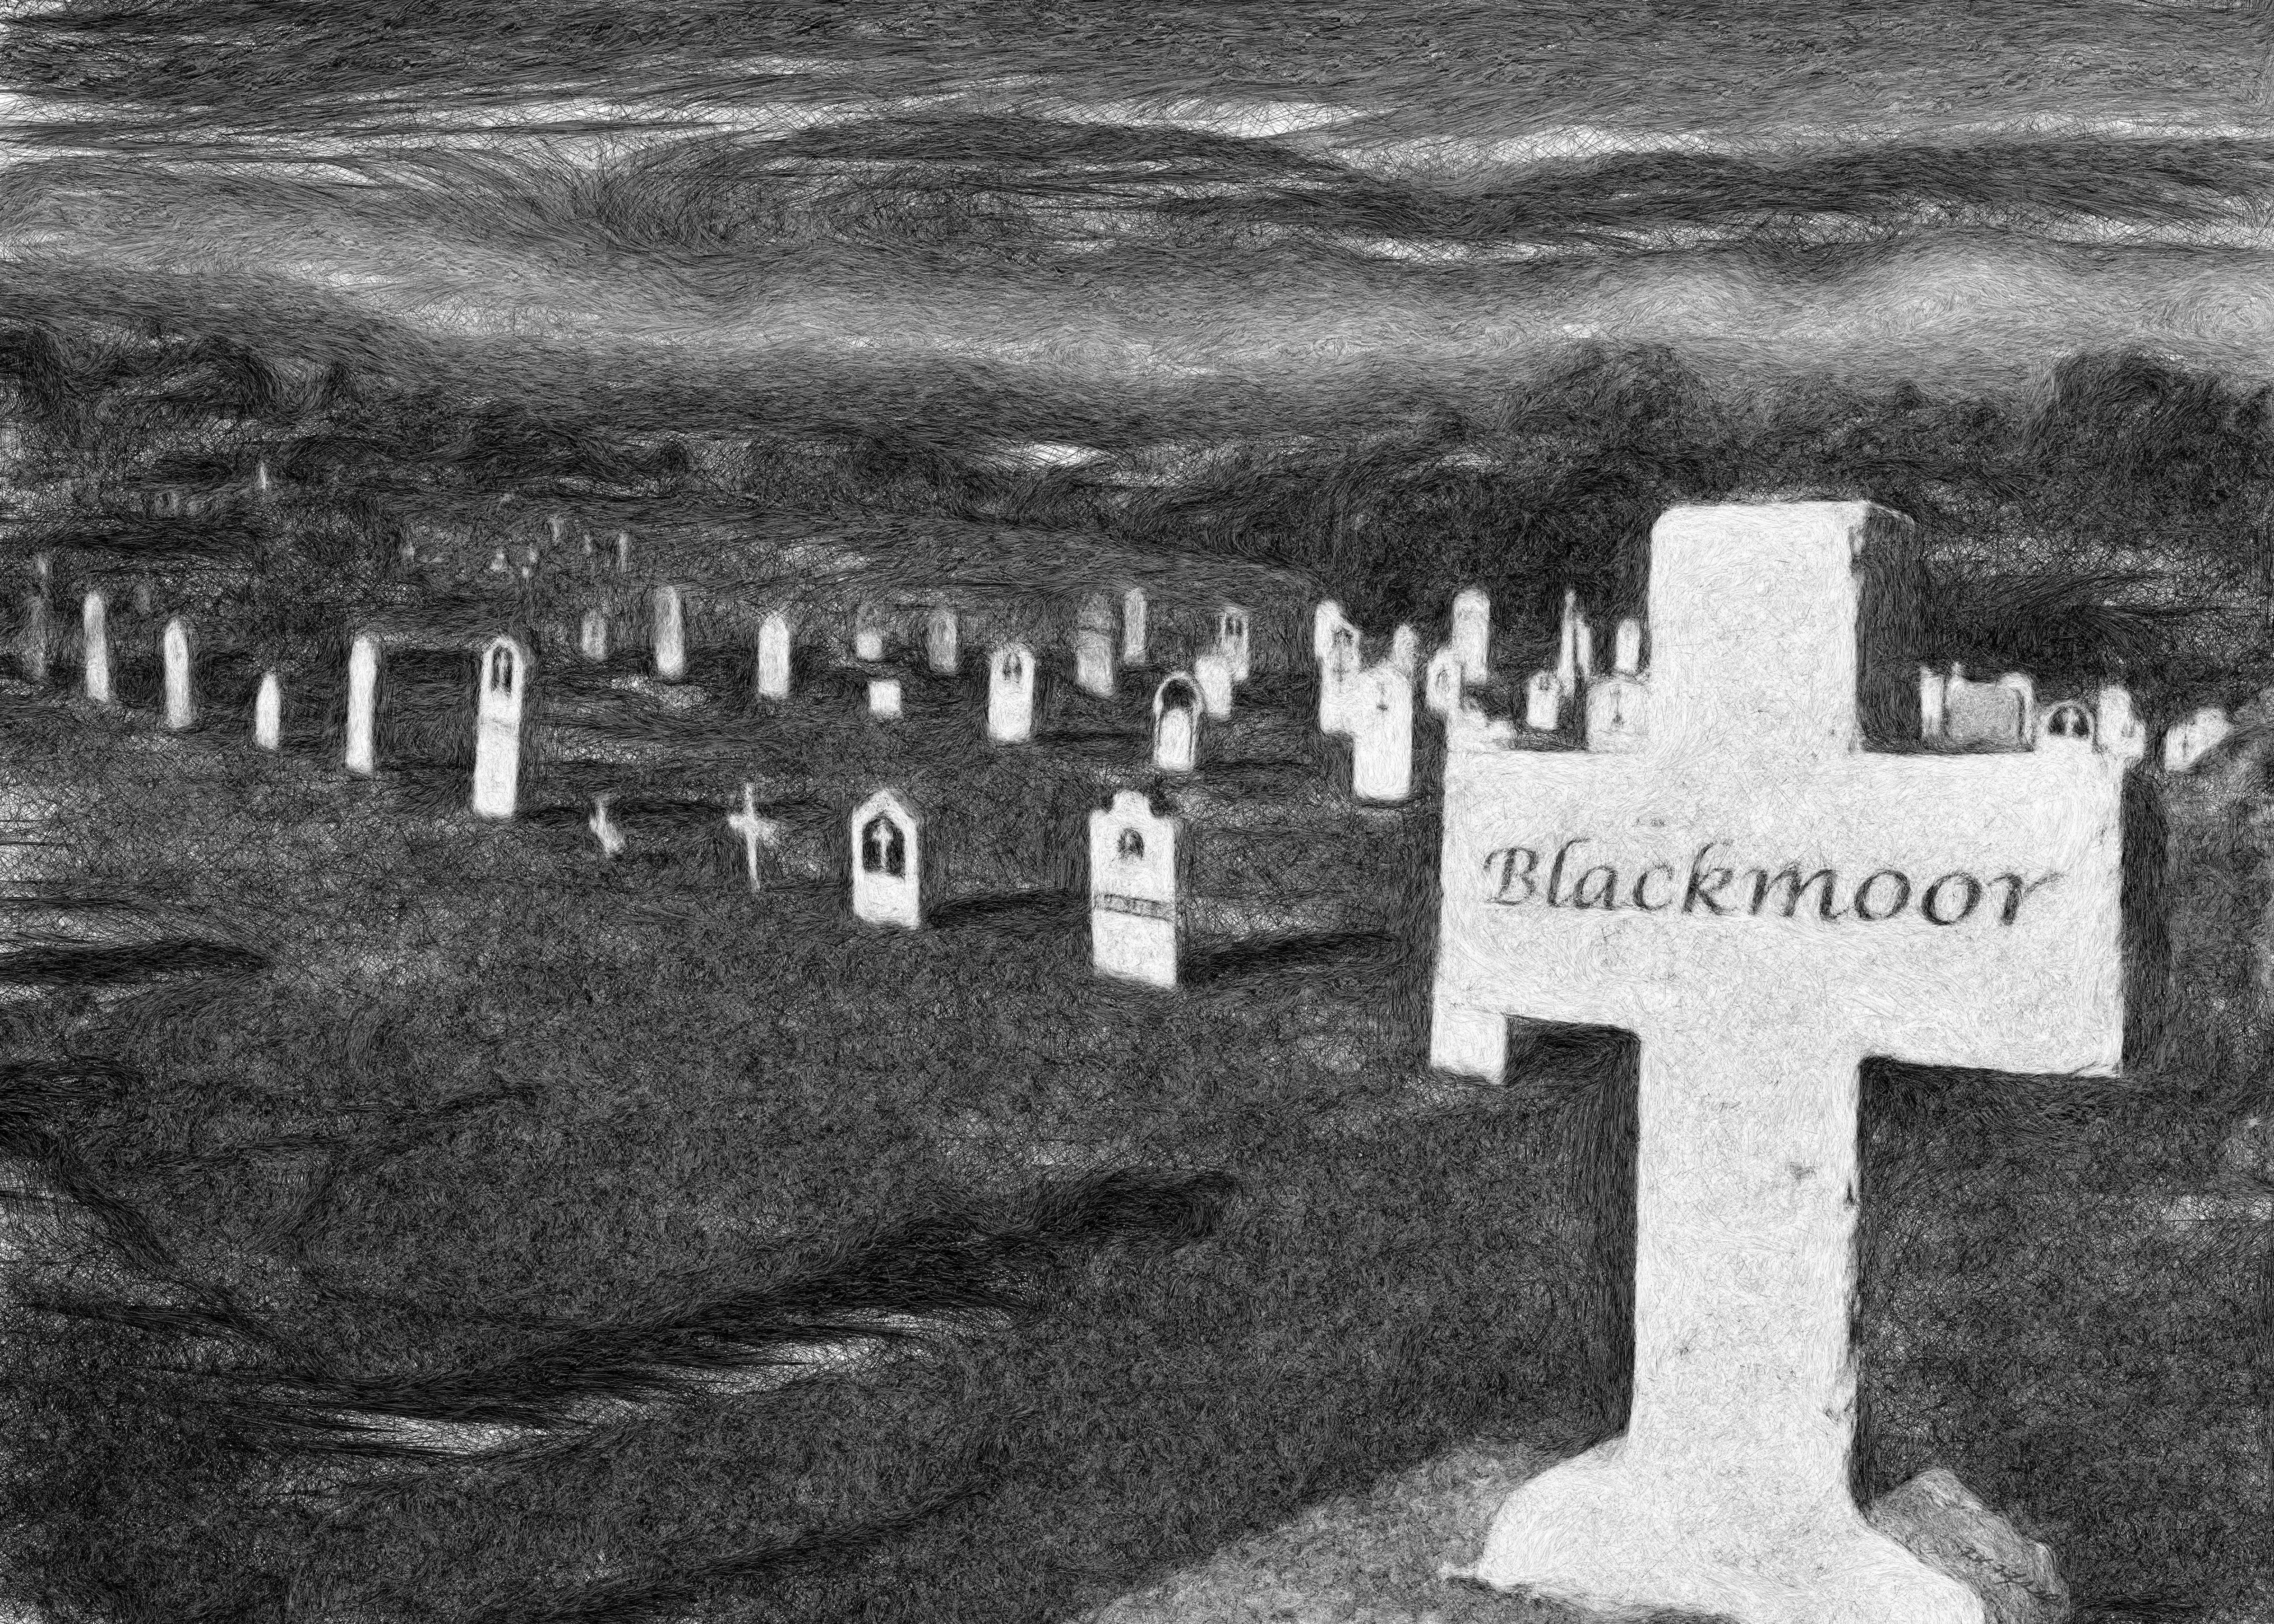 Blackmoor